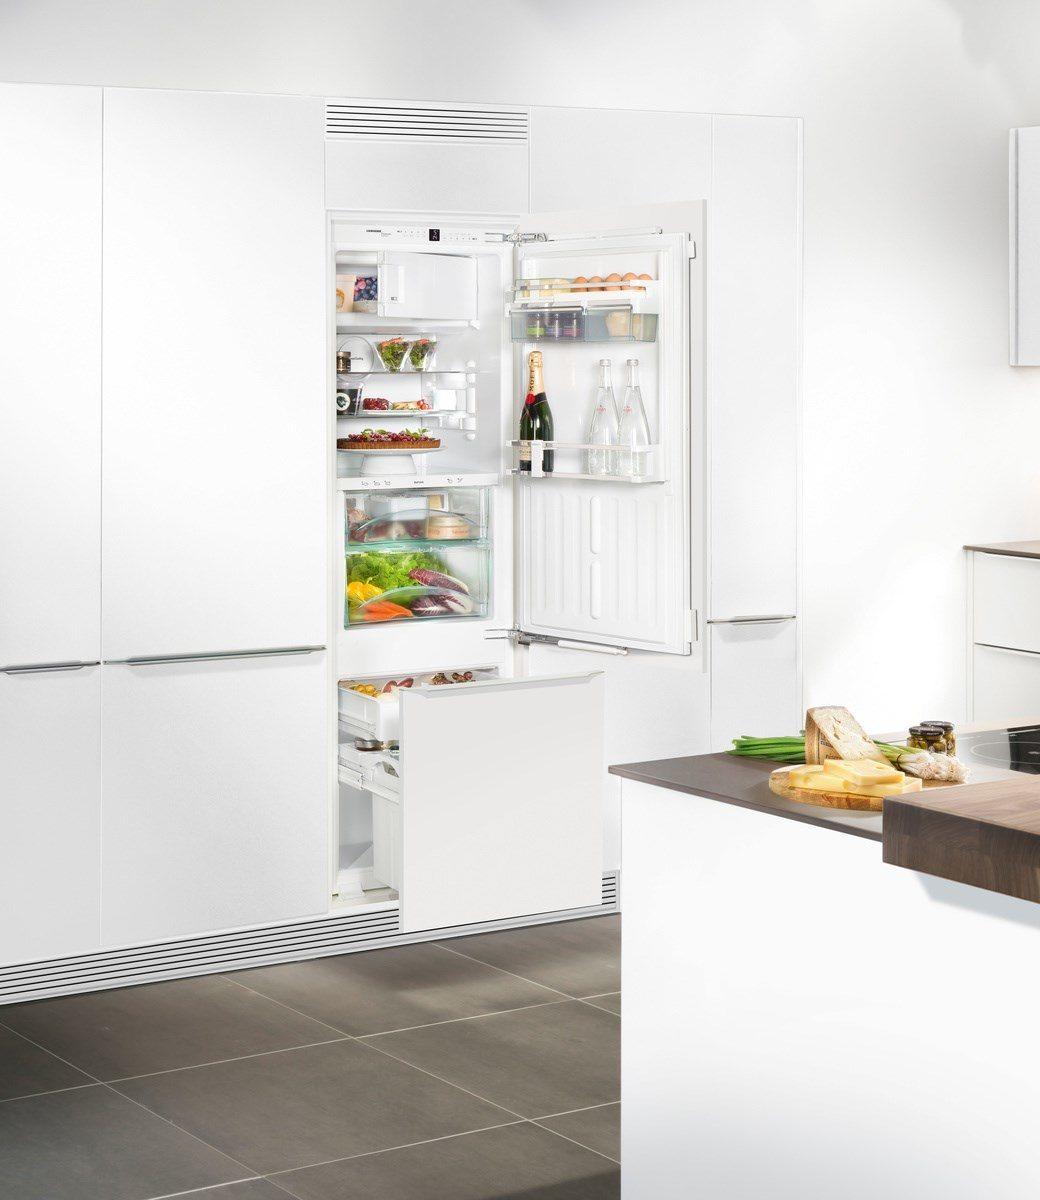 k hlschrank mit kellerfach oder mit temperaturzonen was ist der unterschied k hlschrank mit. Black Bedroom Furniture Sets. Home Design Ideas